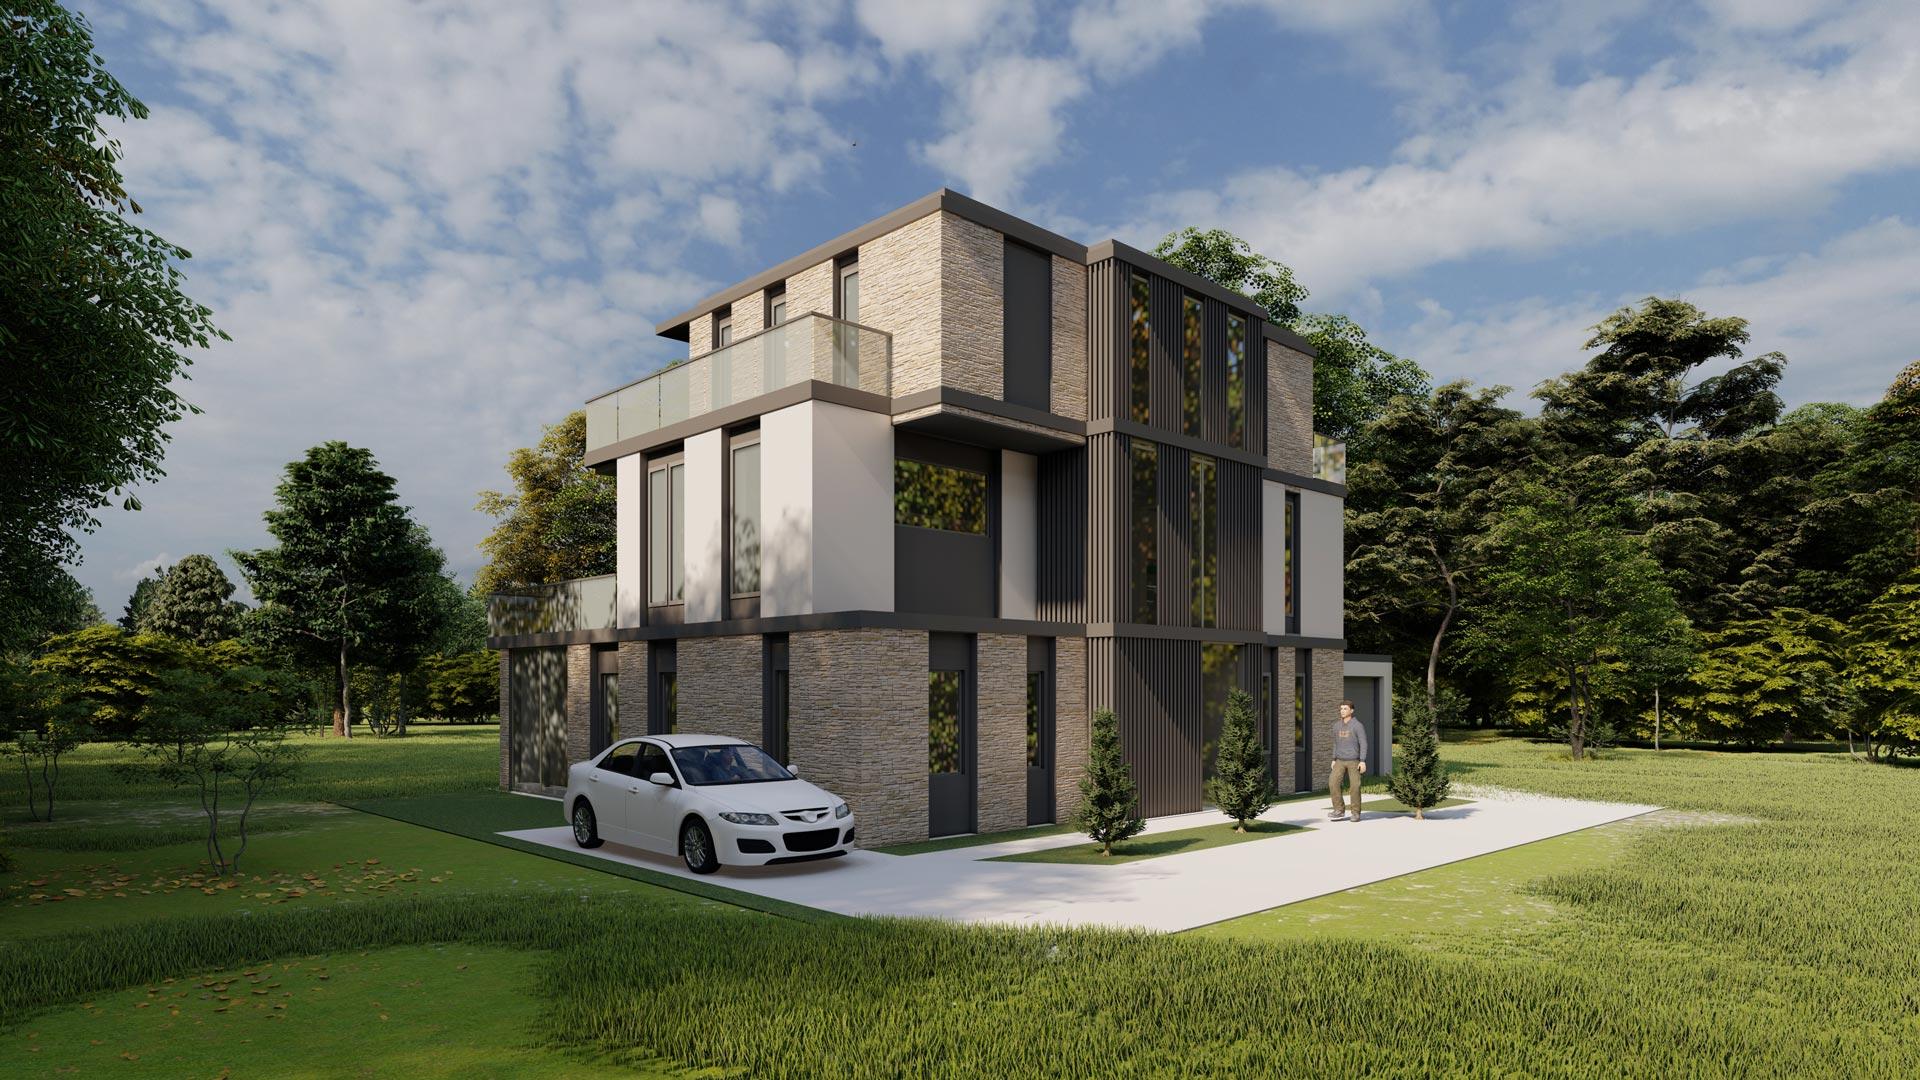 Neubau eines Wohnhauses in Osnabrück